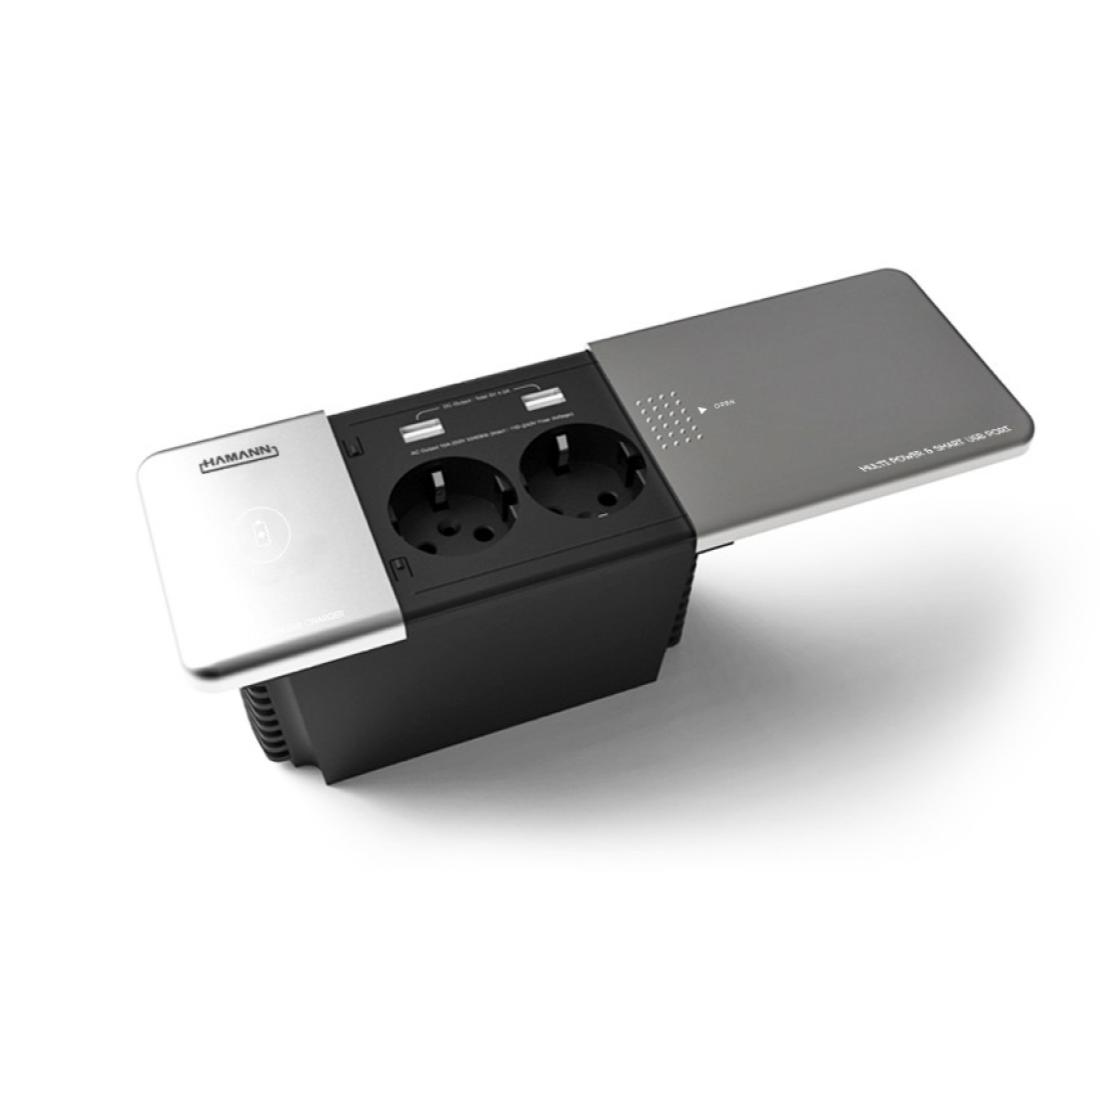 하만 빌트인 유무선 슬라이드 사각콘센트 2구 HM-1000(매립형 무선충전 USB충전 슬라이드커버), 1개